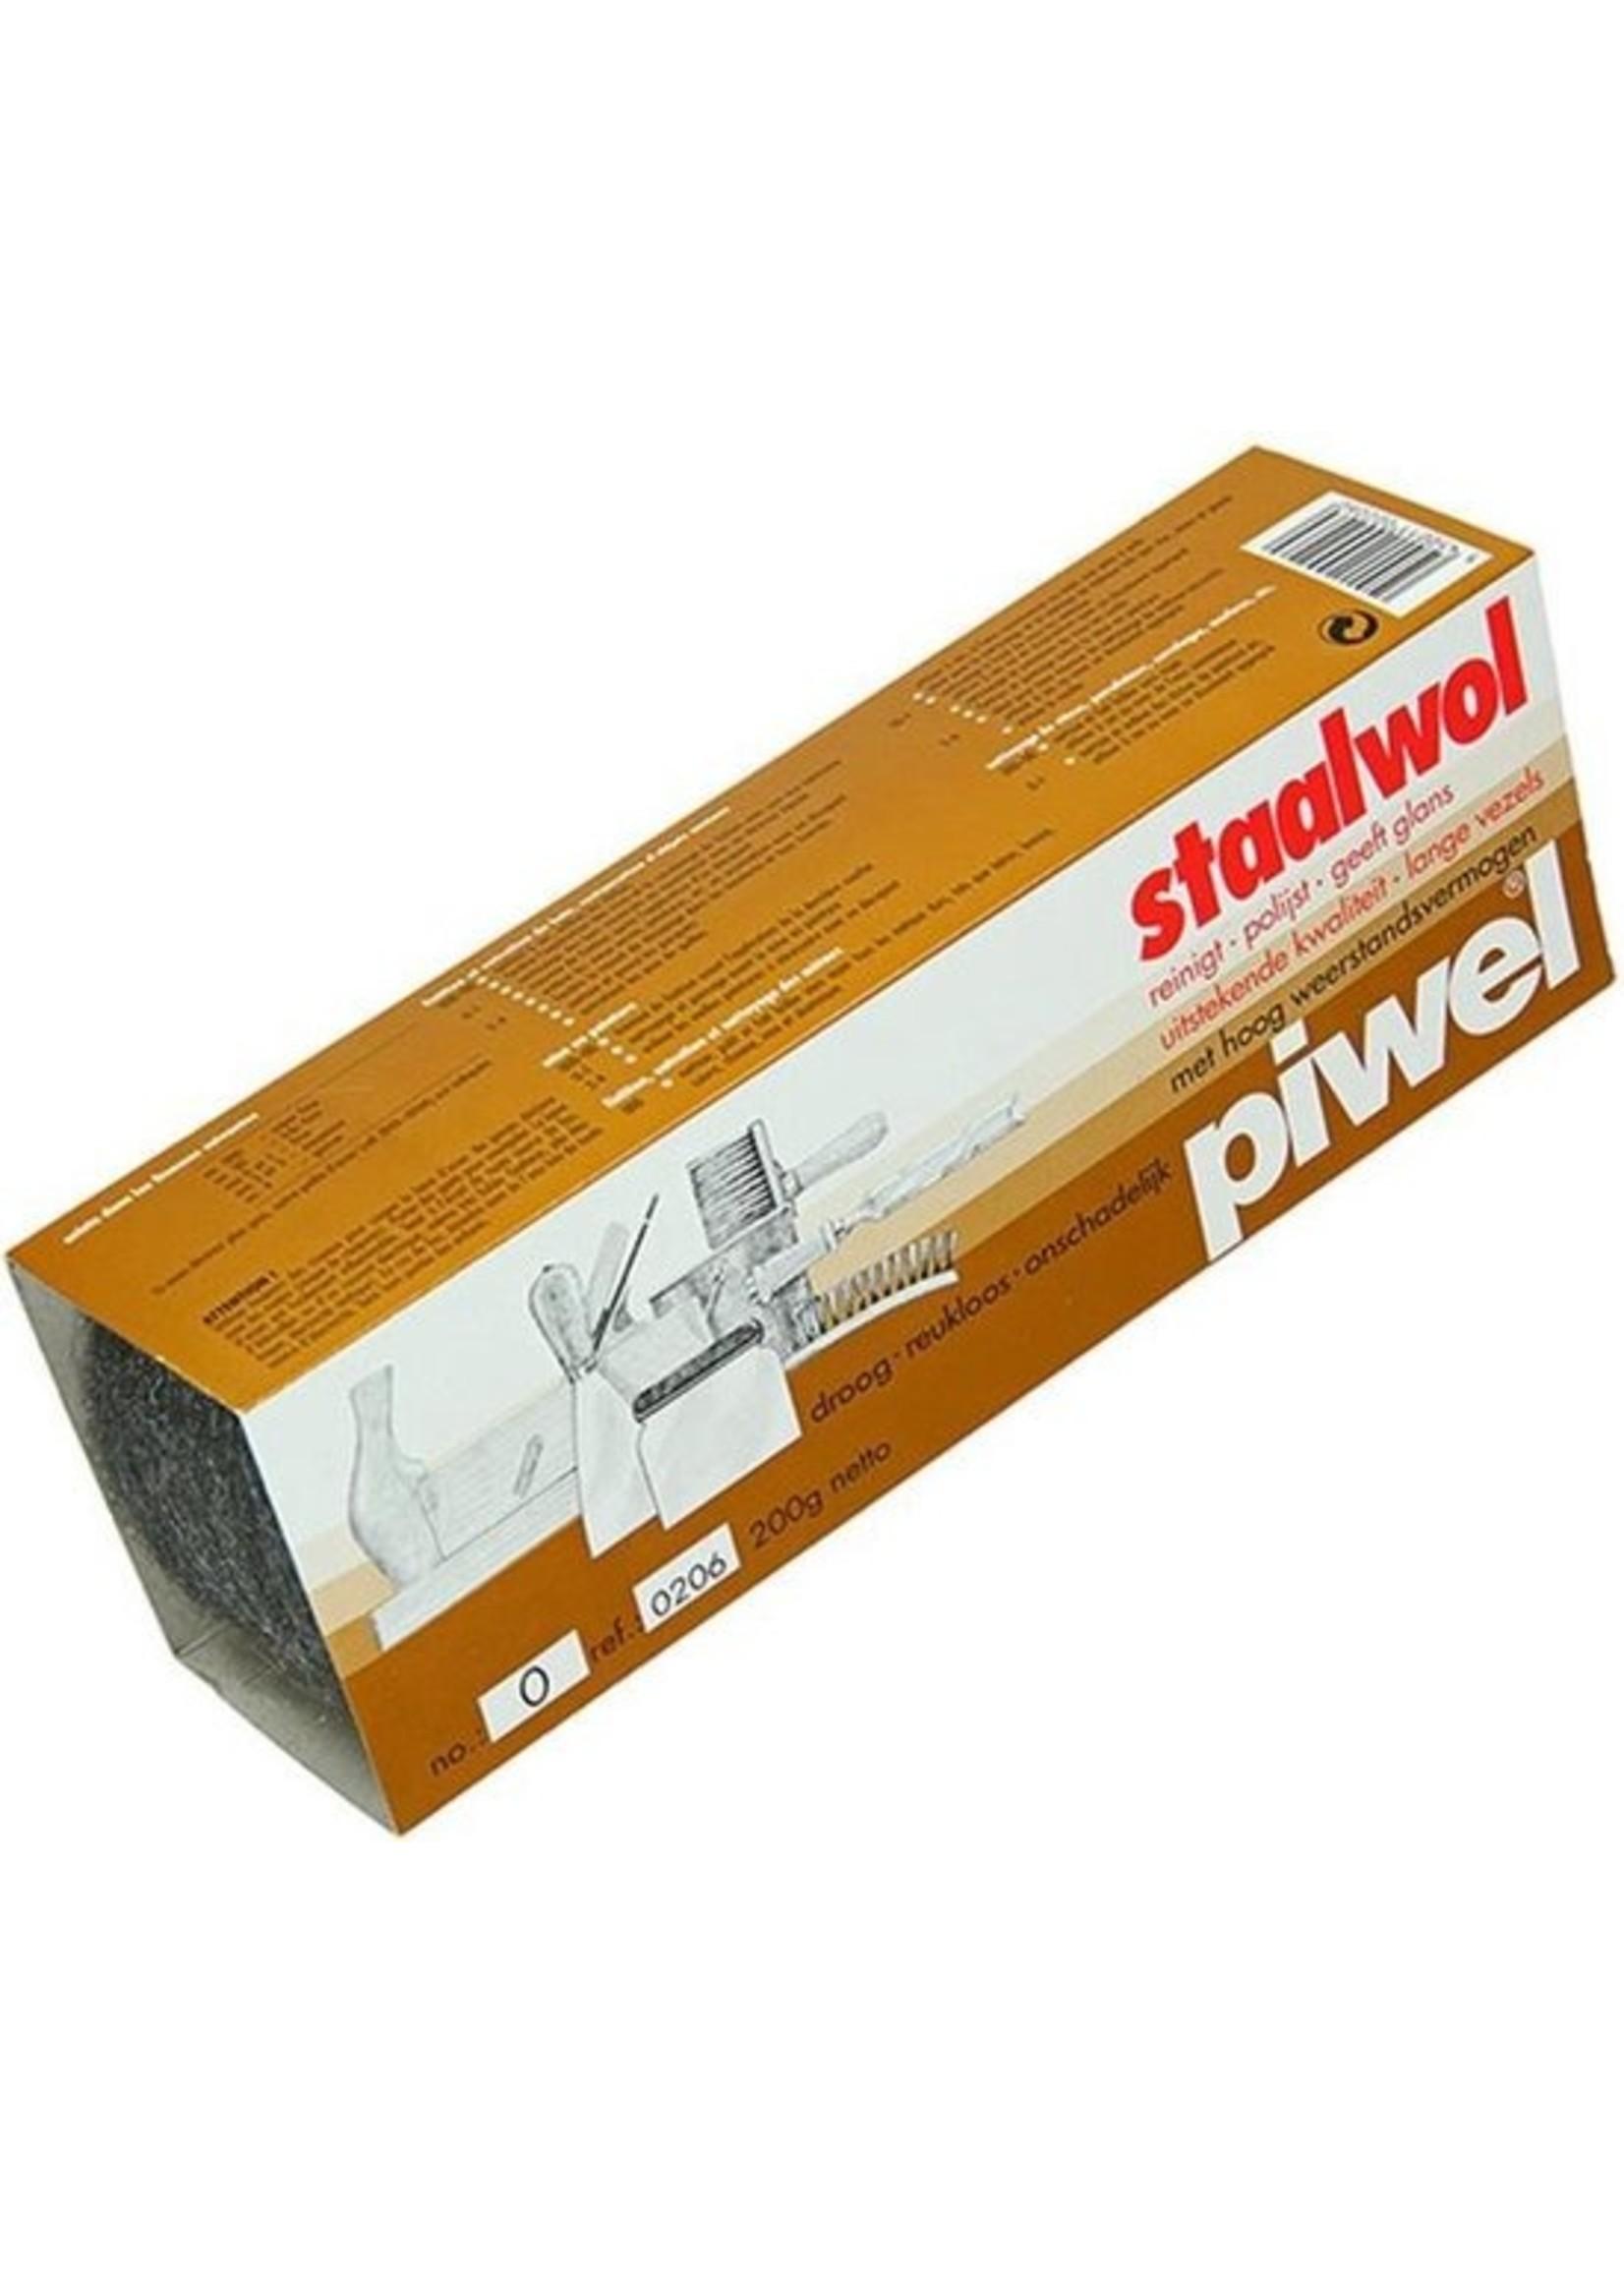 Piwel 2 x Piwel staalwol 200 gram per pak maat 3